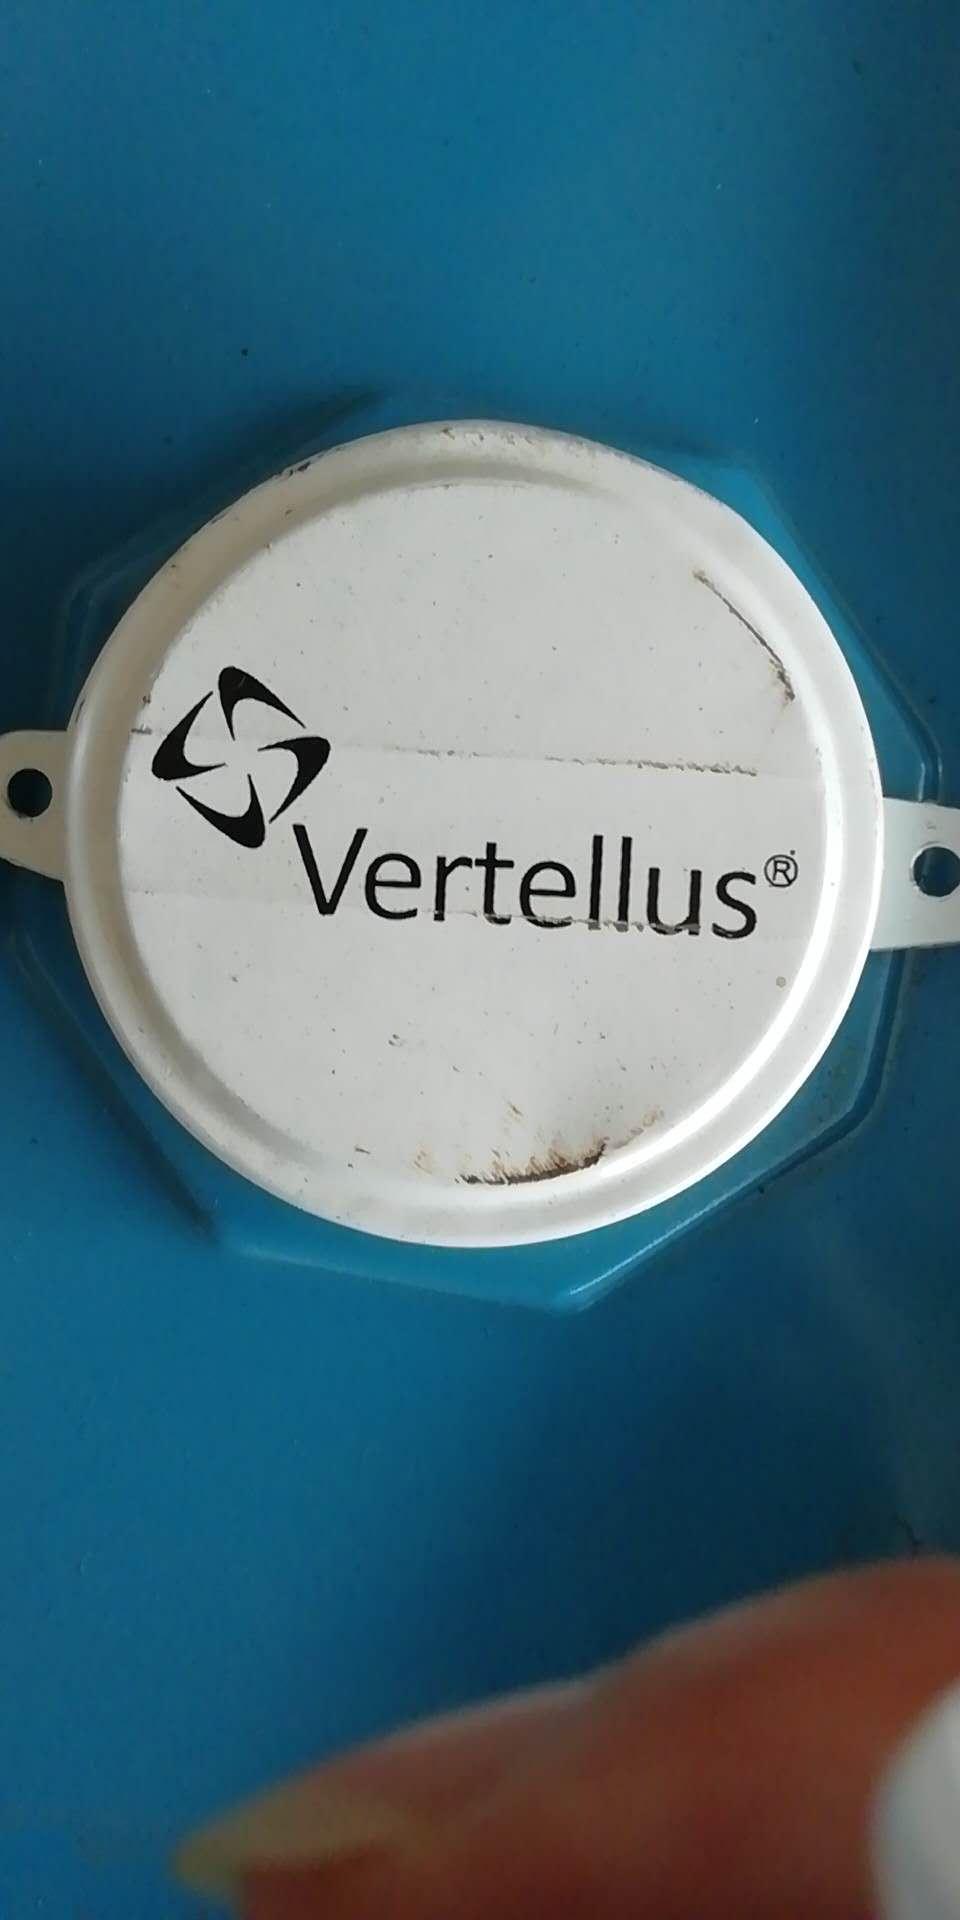 凡特鲁斯吡啶 原装进口 济南现货直销